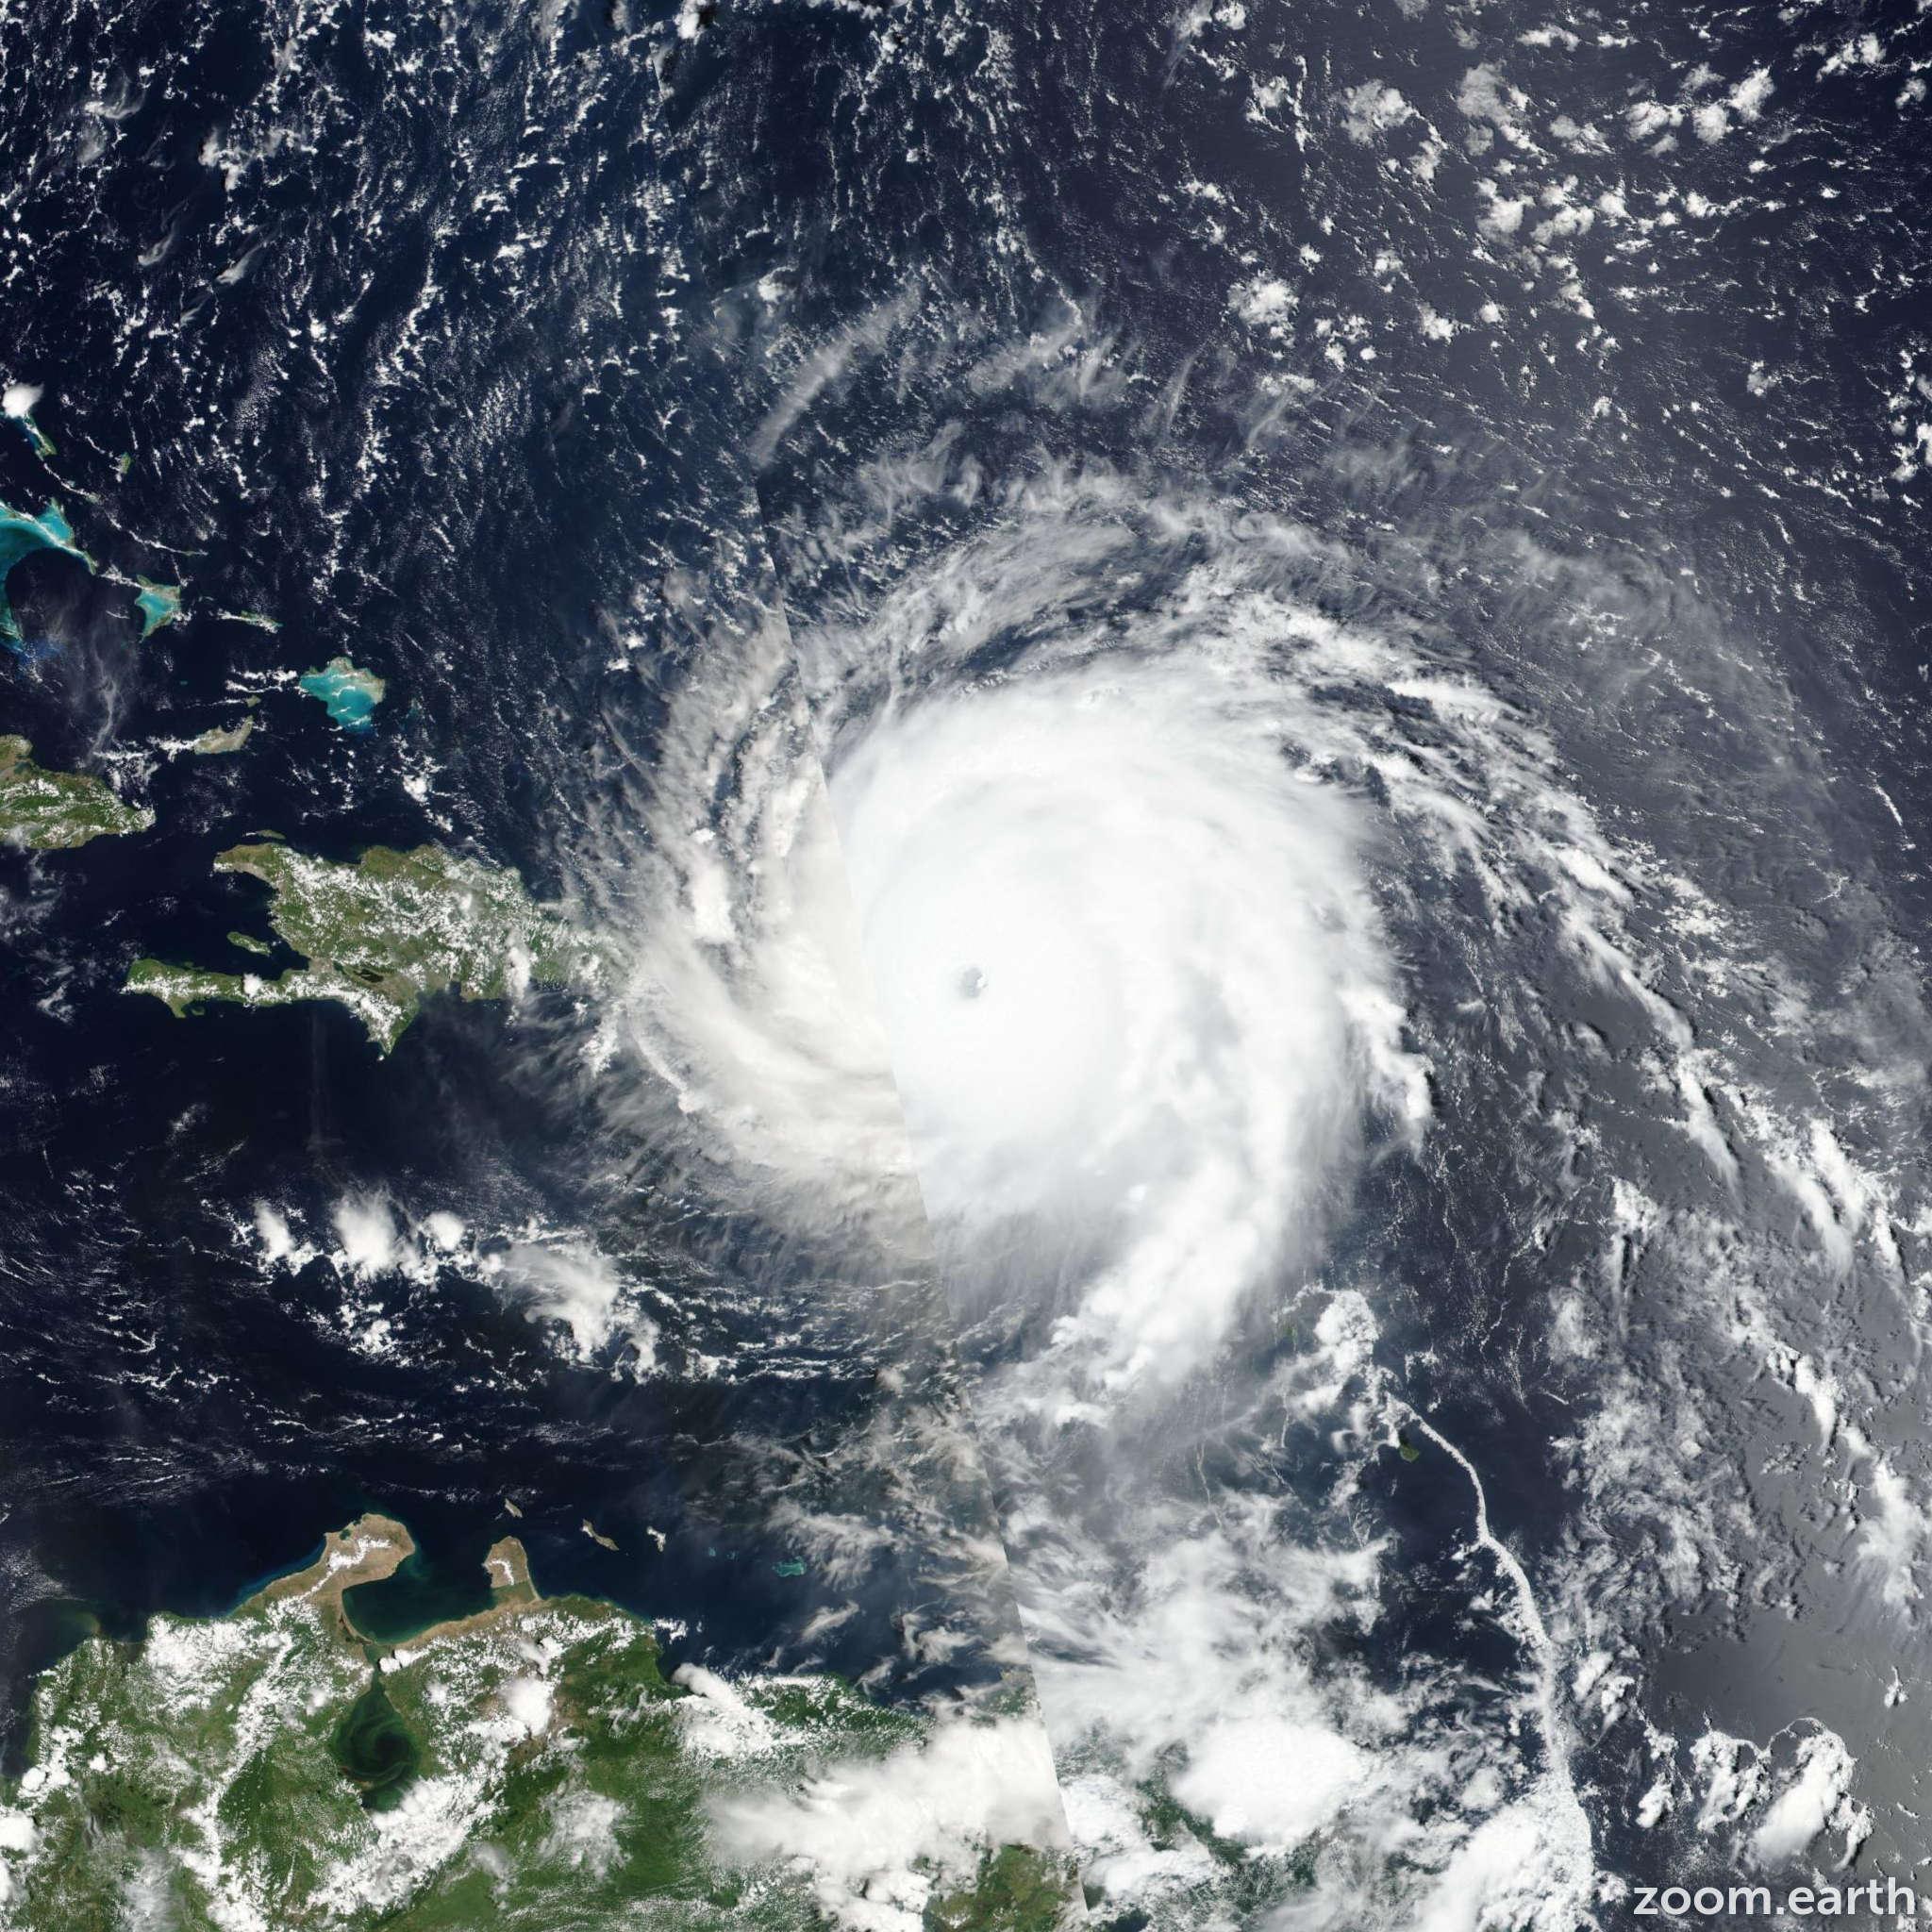 Satellite image of Hurricane Irma 2017